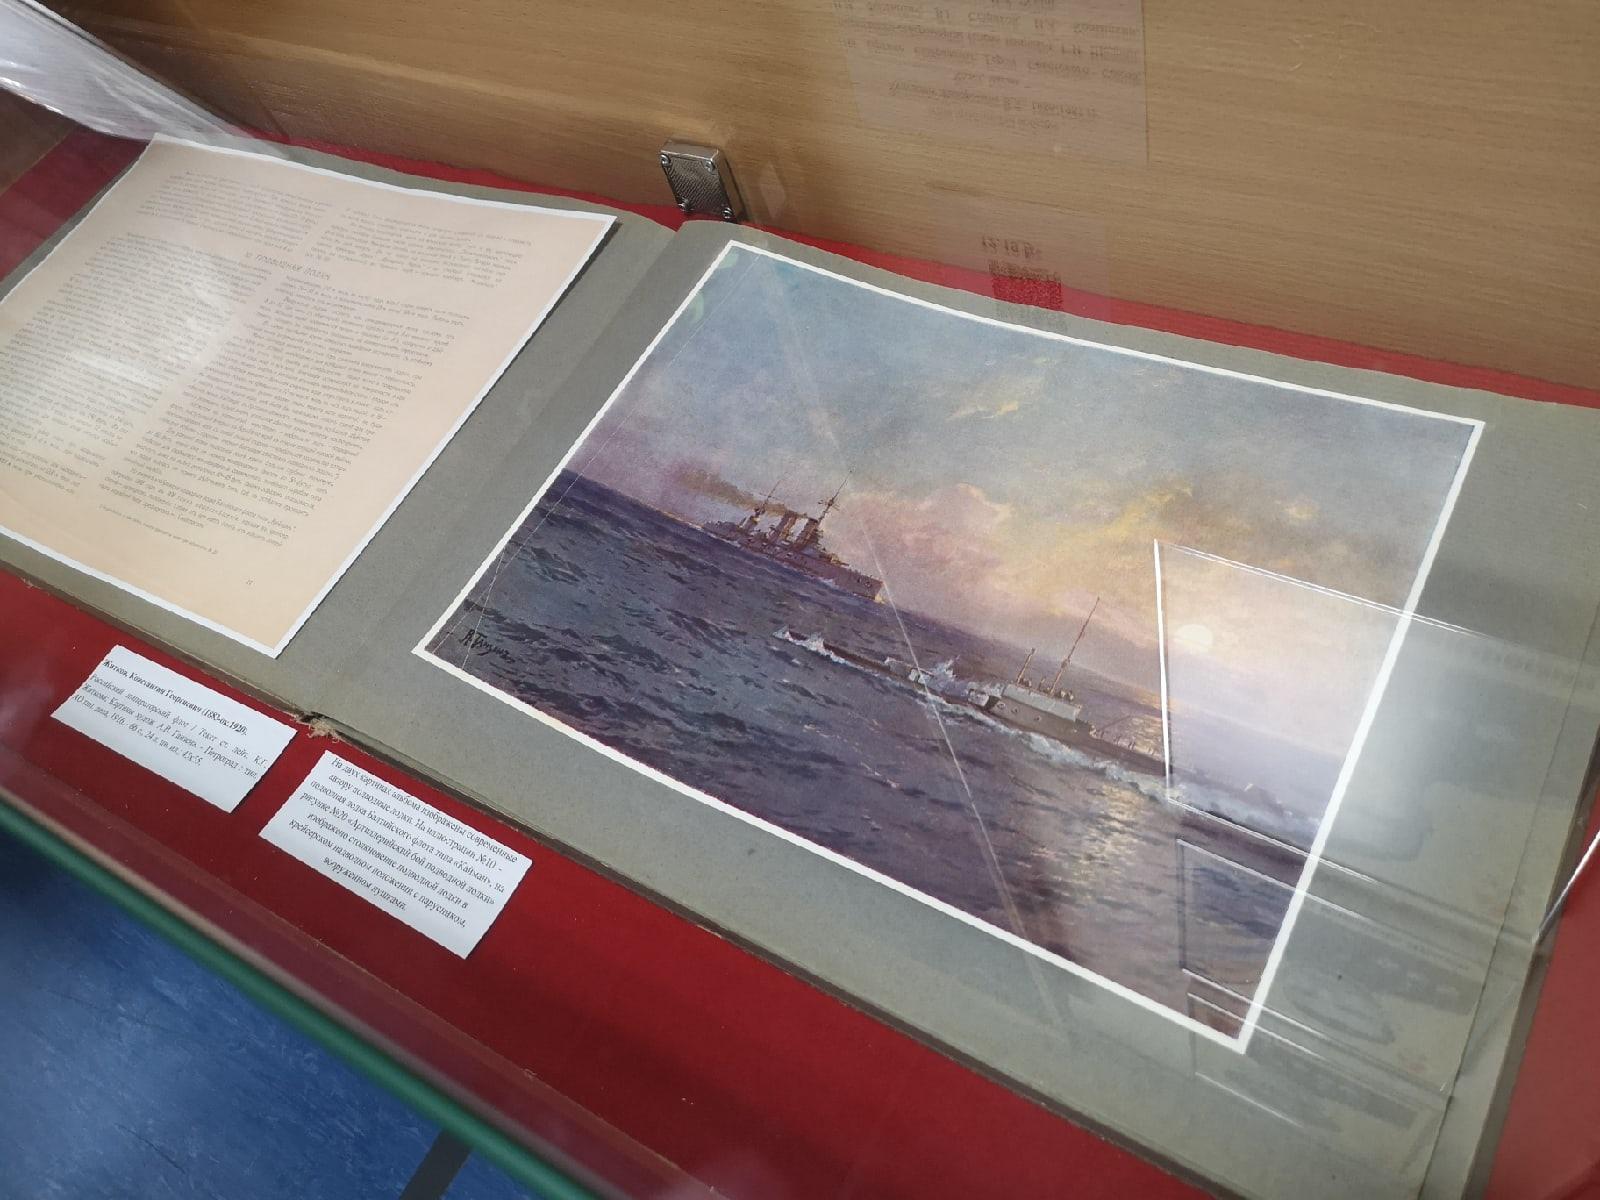 Выставка изданий из фондов Военной исторической библиотеки Генерального штаба Вооруженных Сил Российской Федерации, посвященных Дню моряка-подводника